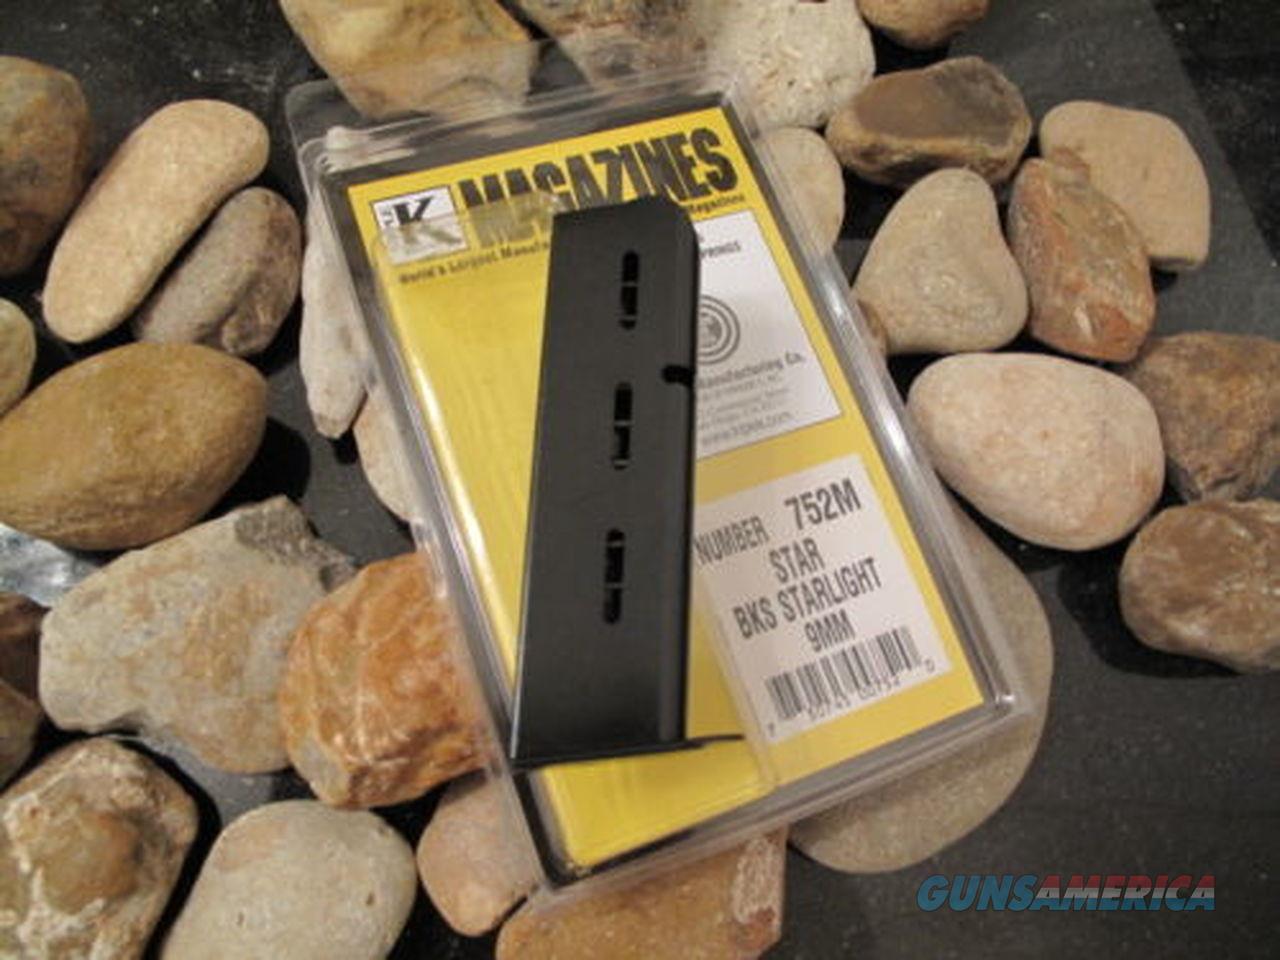 1-Single Star Fits BKS STARLIGHT 9mm Triple K 8 Shot Magazine Pistols 9mm  Non-Guns > Ammunition